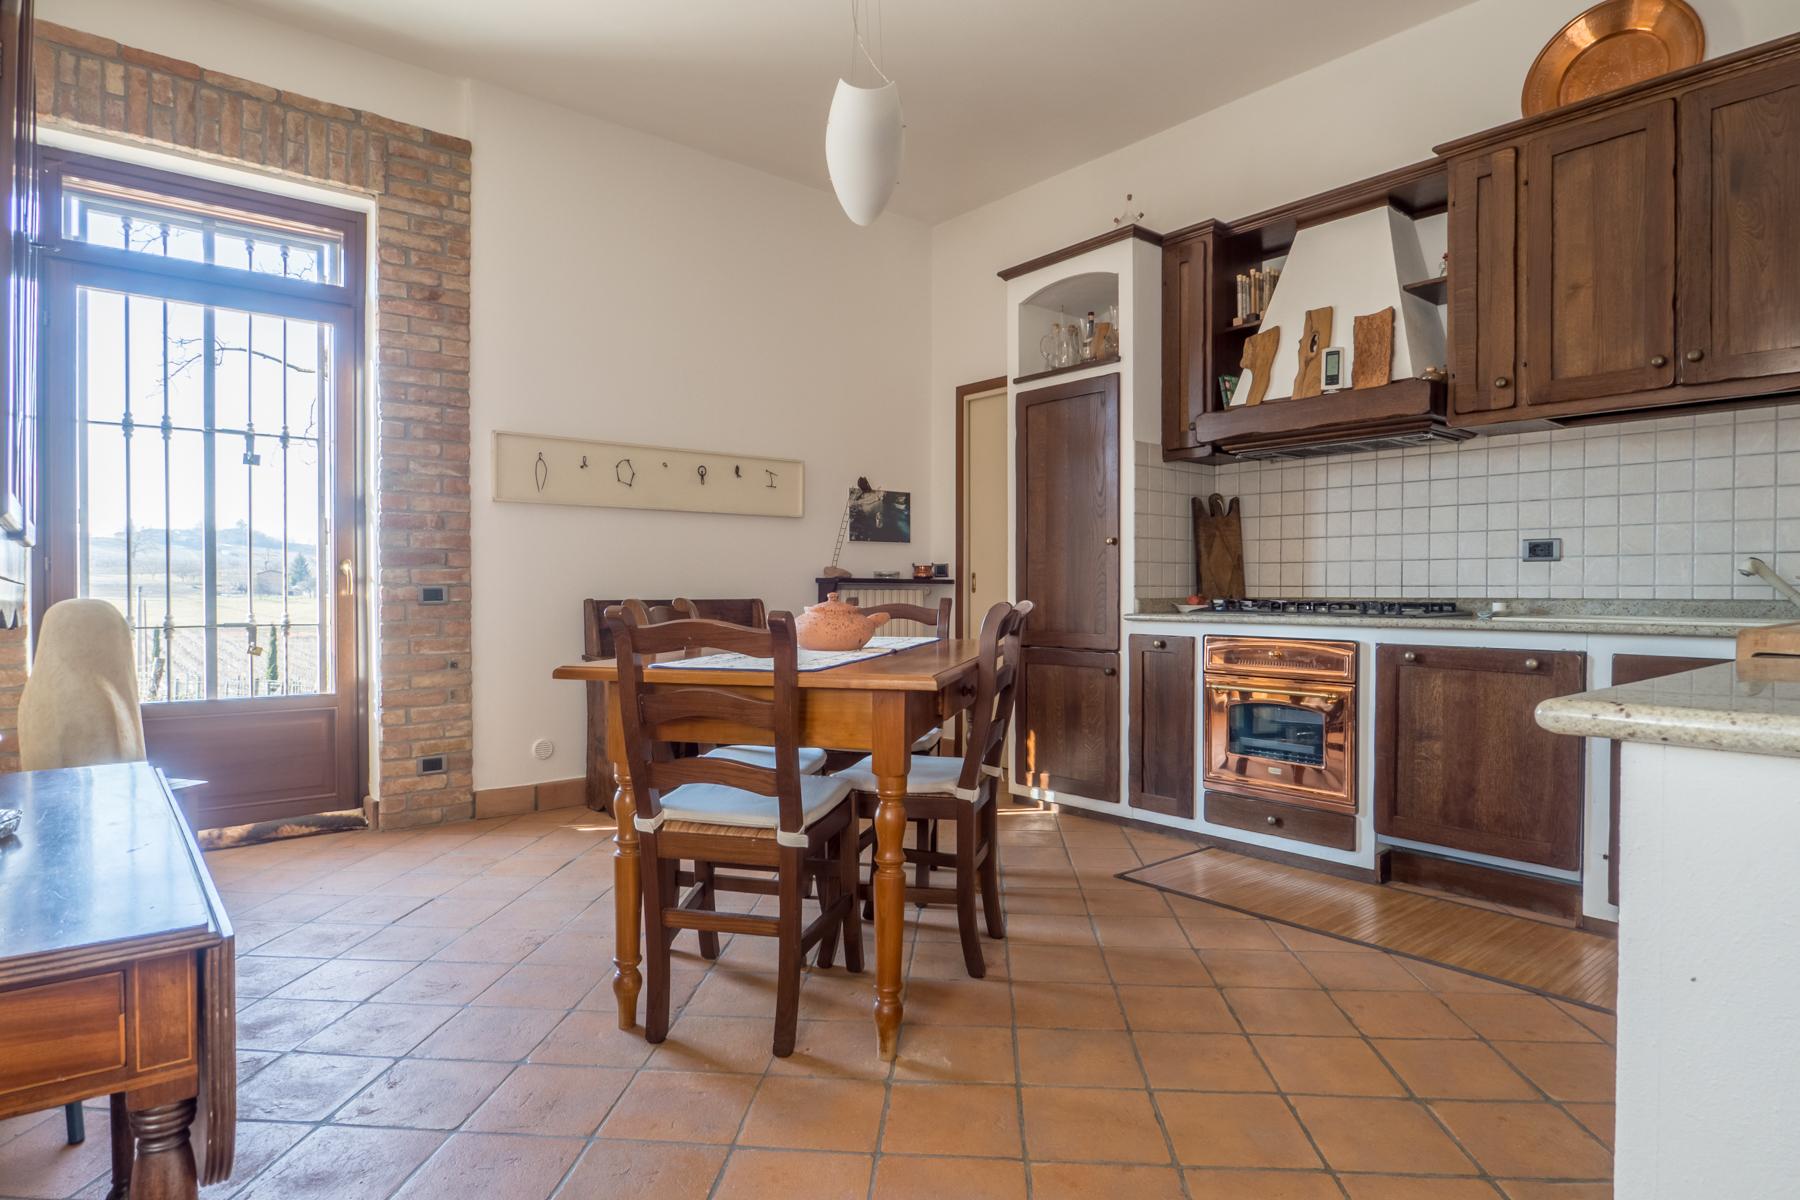 Villa in Vendita a Nizza Monferrato: 5 locali, 400 mq - Foto 3